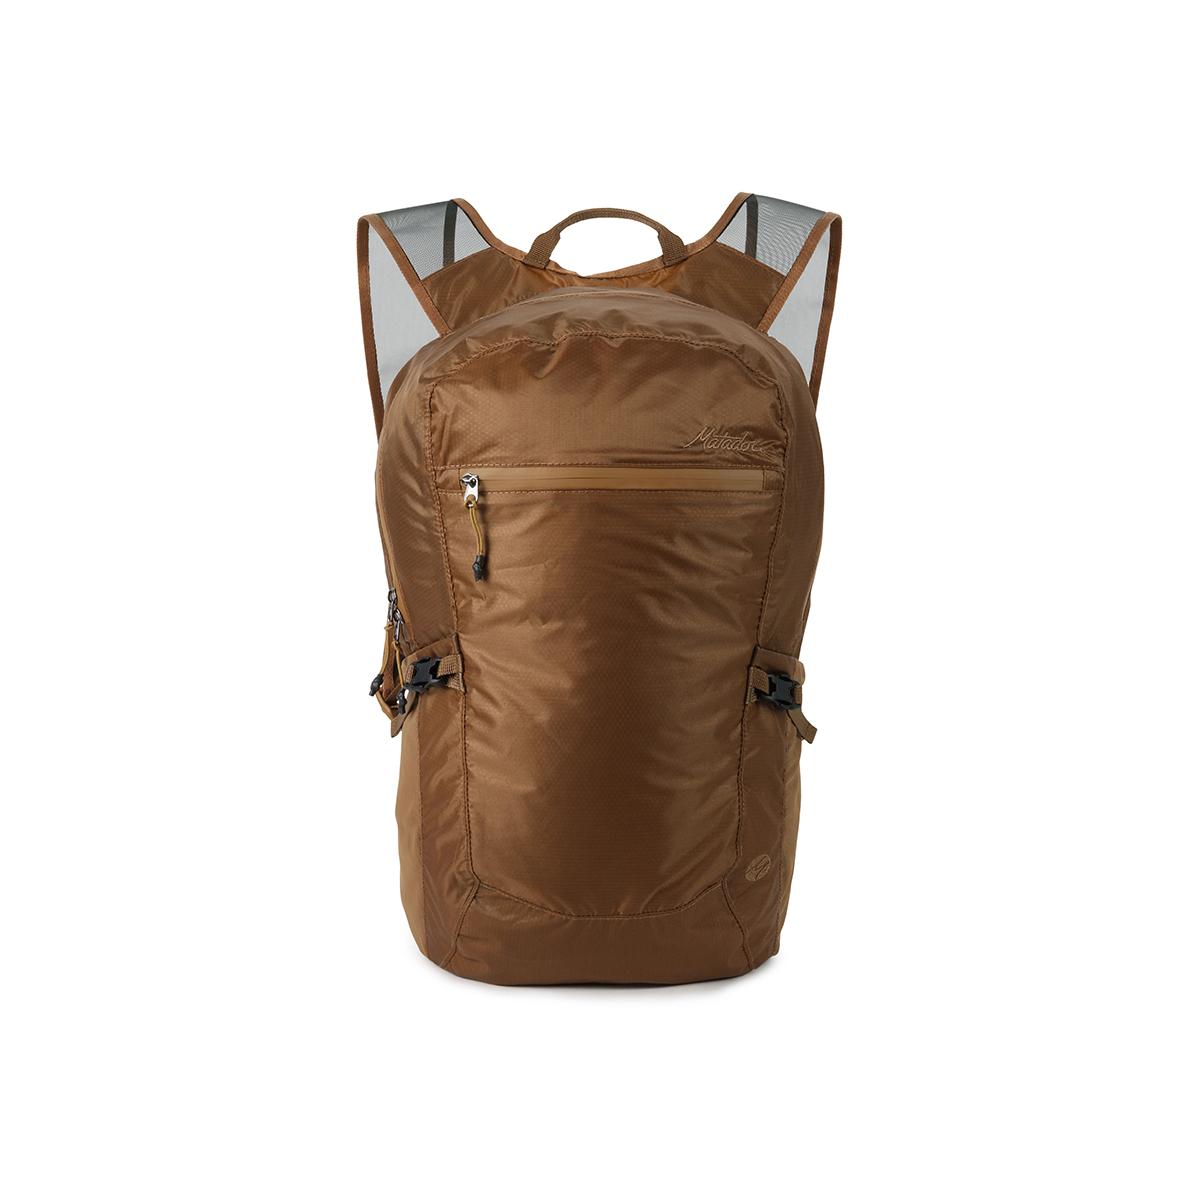 手のひらサイズになる大容量バッグ|《16L/コヨーテ》旅先や日常生活でアクティブに動き回れる、手のひらサイズにたためる防水仕様のバックパック|Matador freefly16